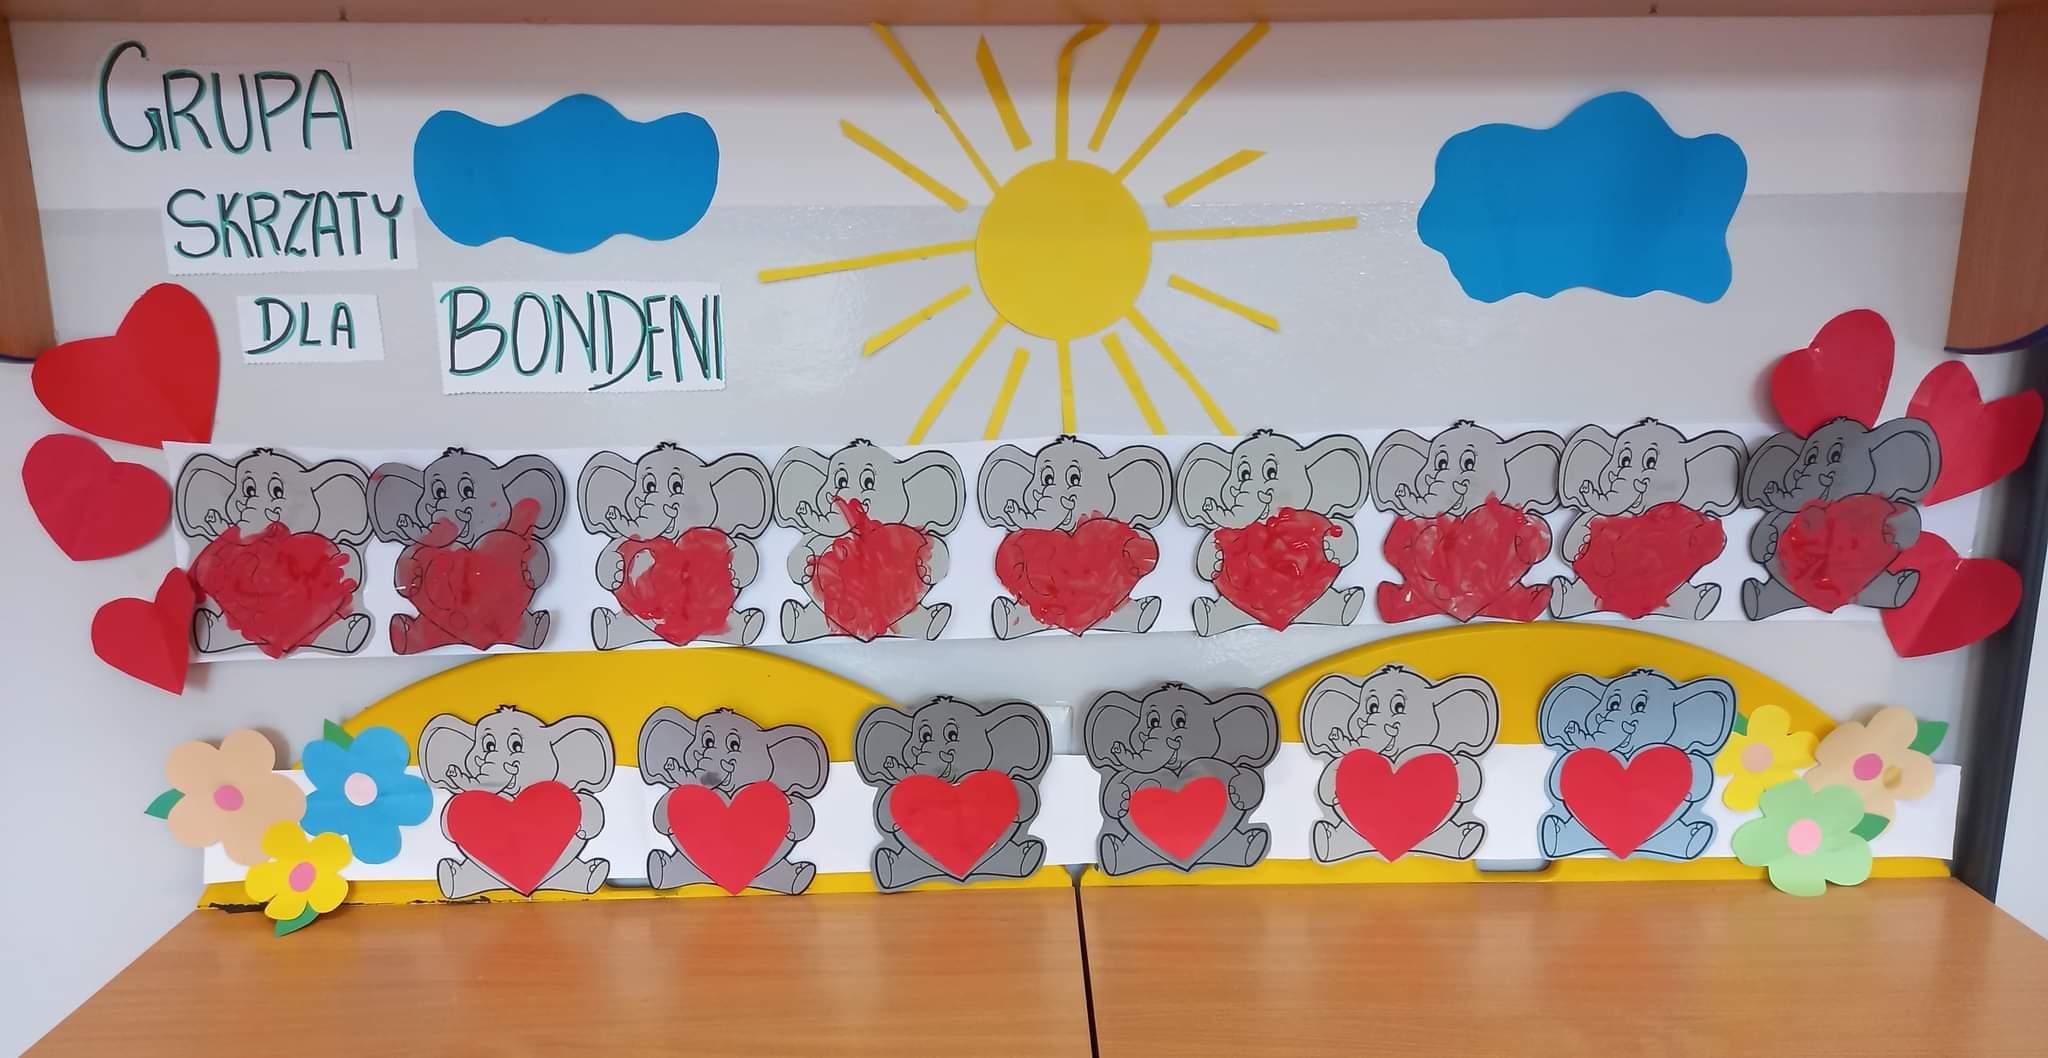 Podsumowanie I części akcji Przedszkolaki adoptują Słonia Bondeni